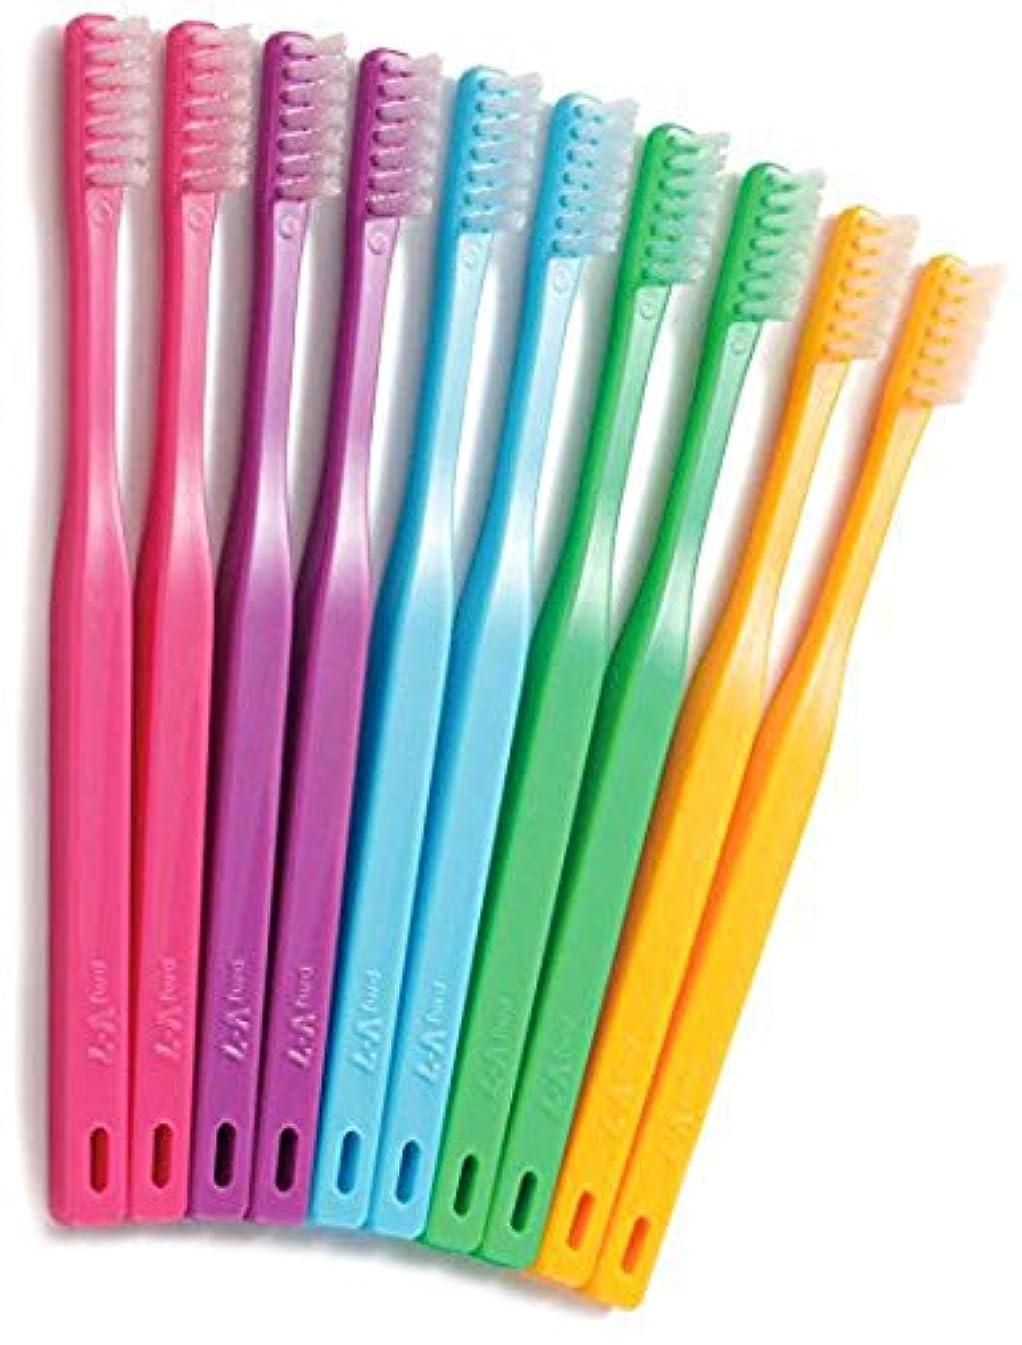 つまようじ法歯ブラシ V-7 ビビッドカラー レギュラーヘッド 3本